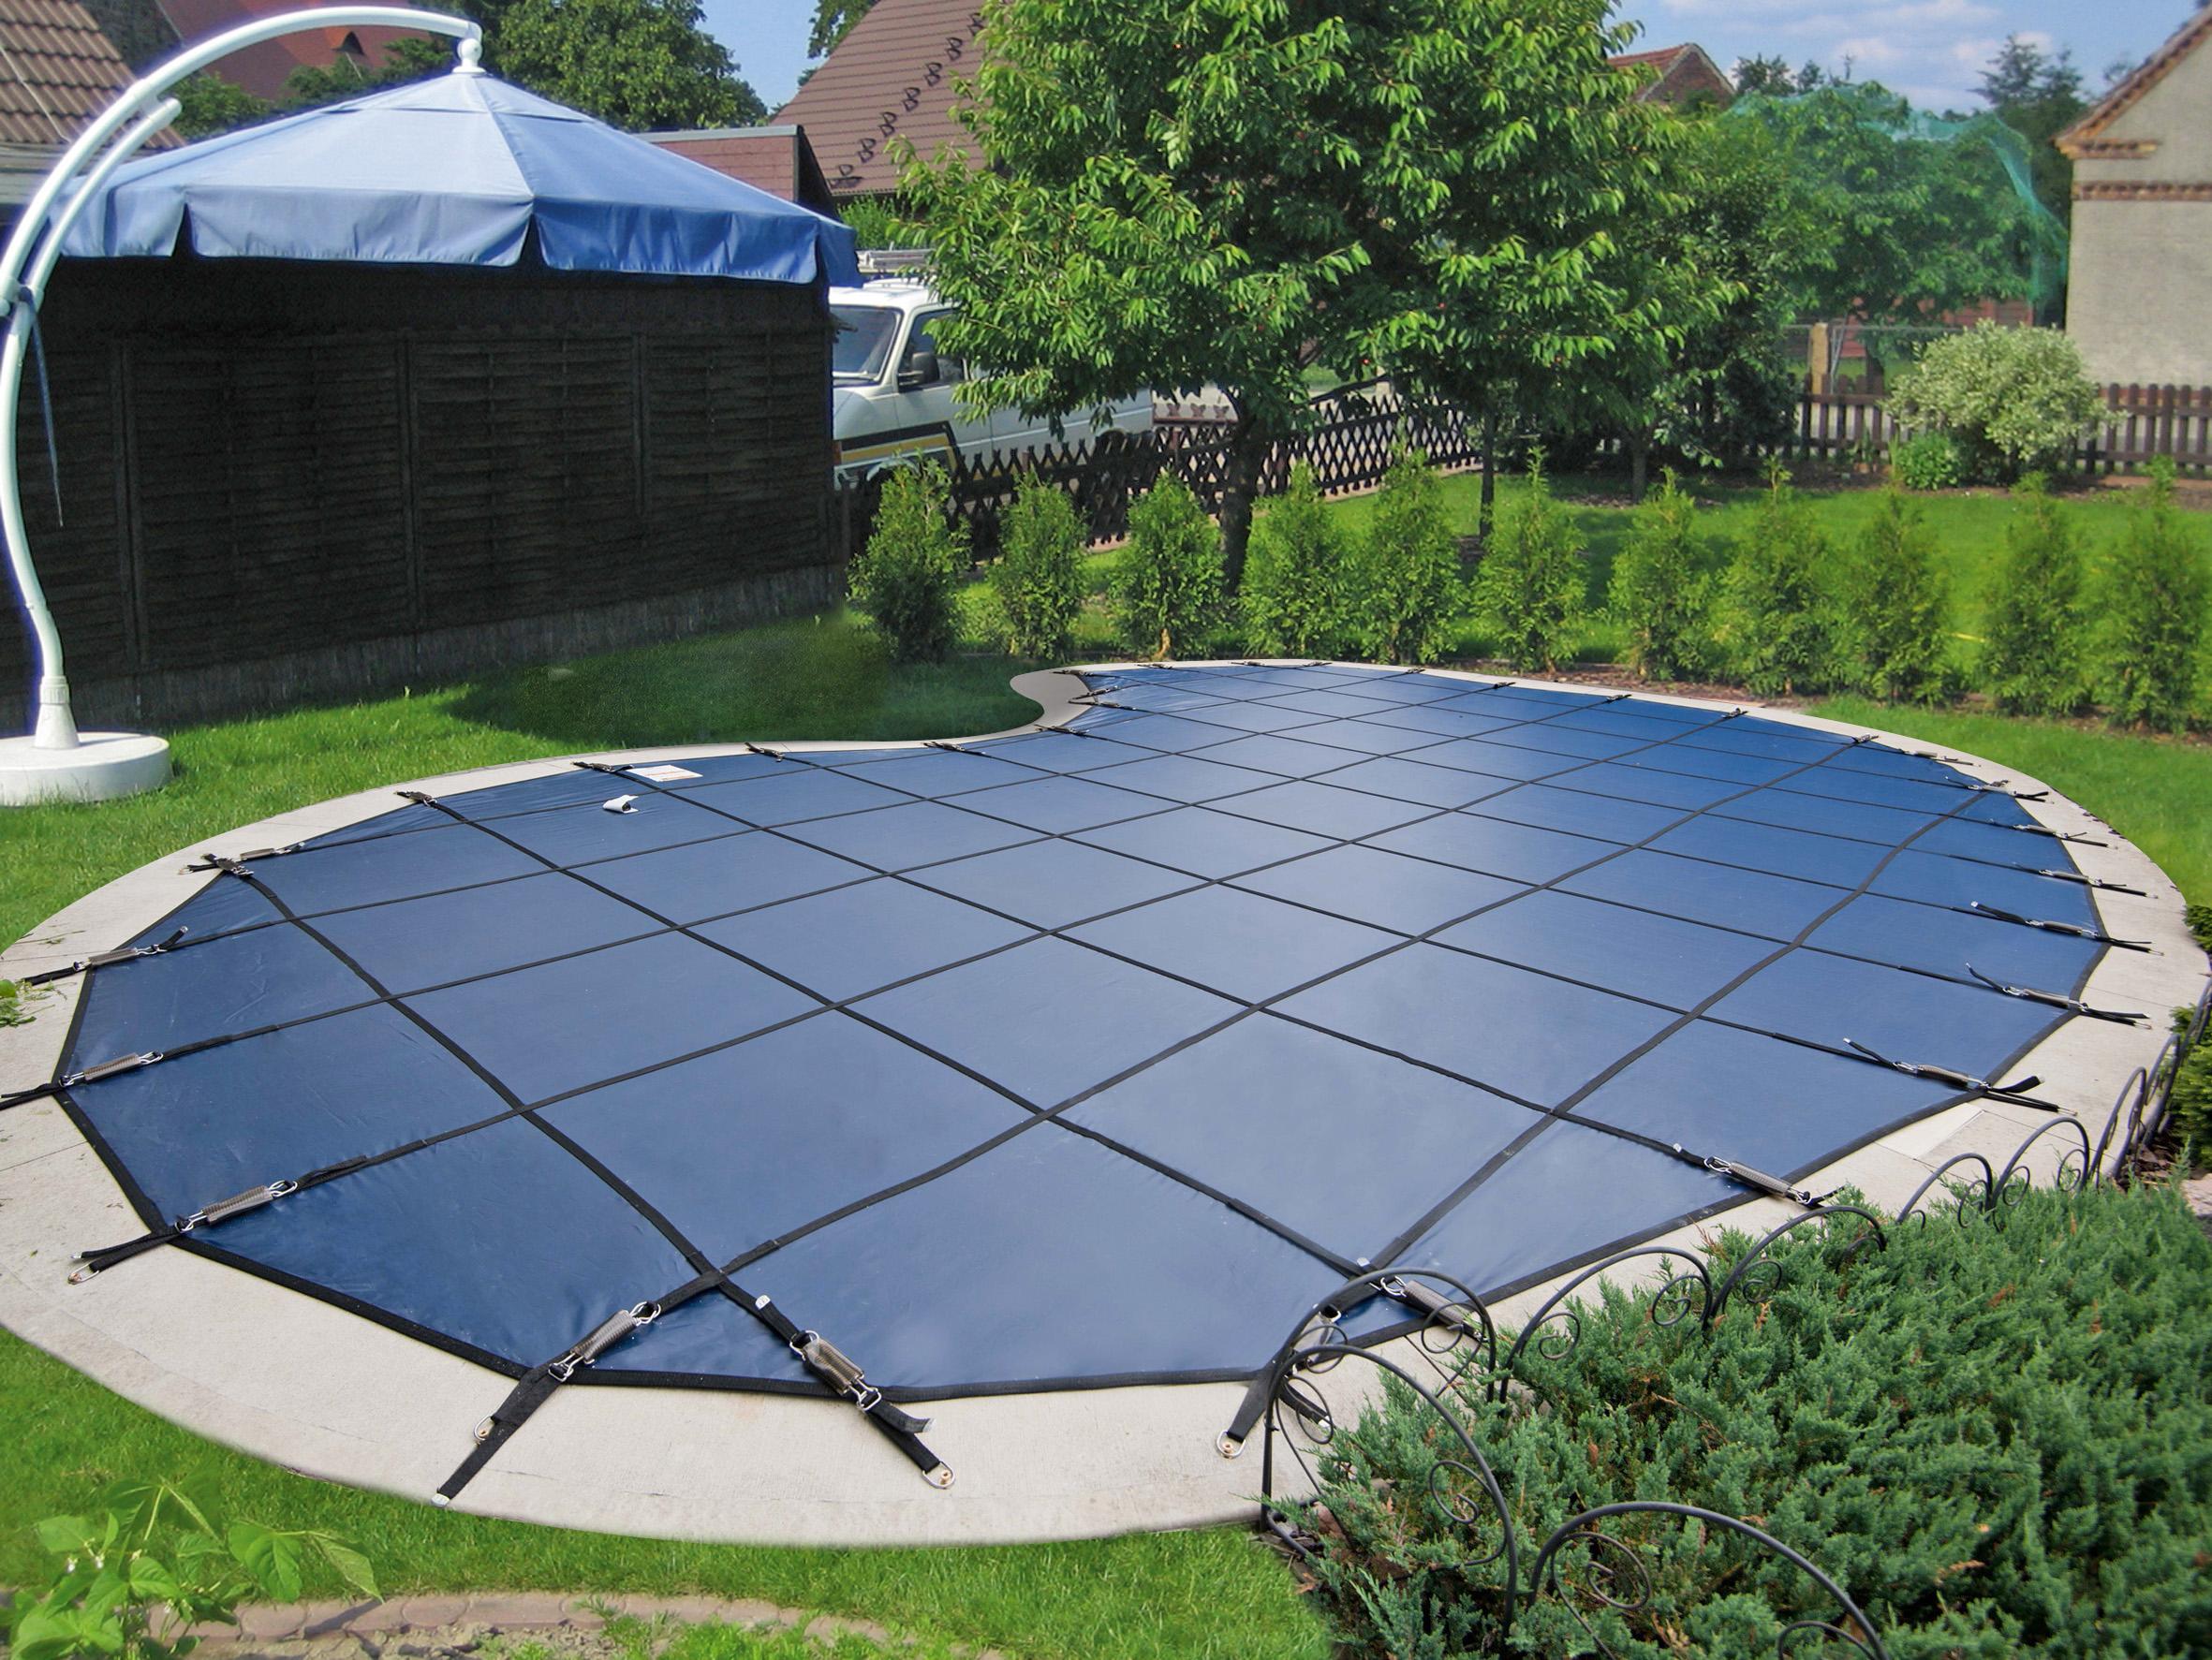 Proveedor de suelo de plástico de natación de la piscina cubierta de invierno natación piscina cubierta, hecho en China